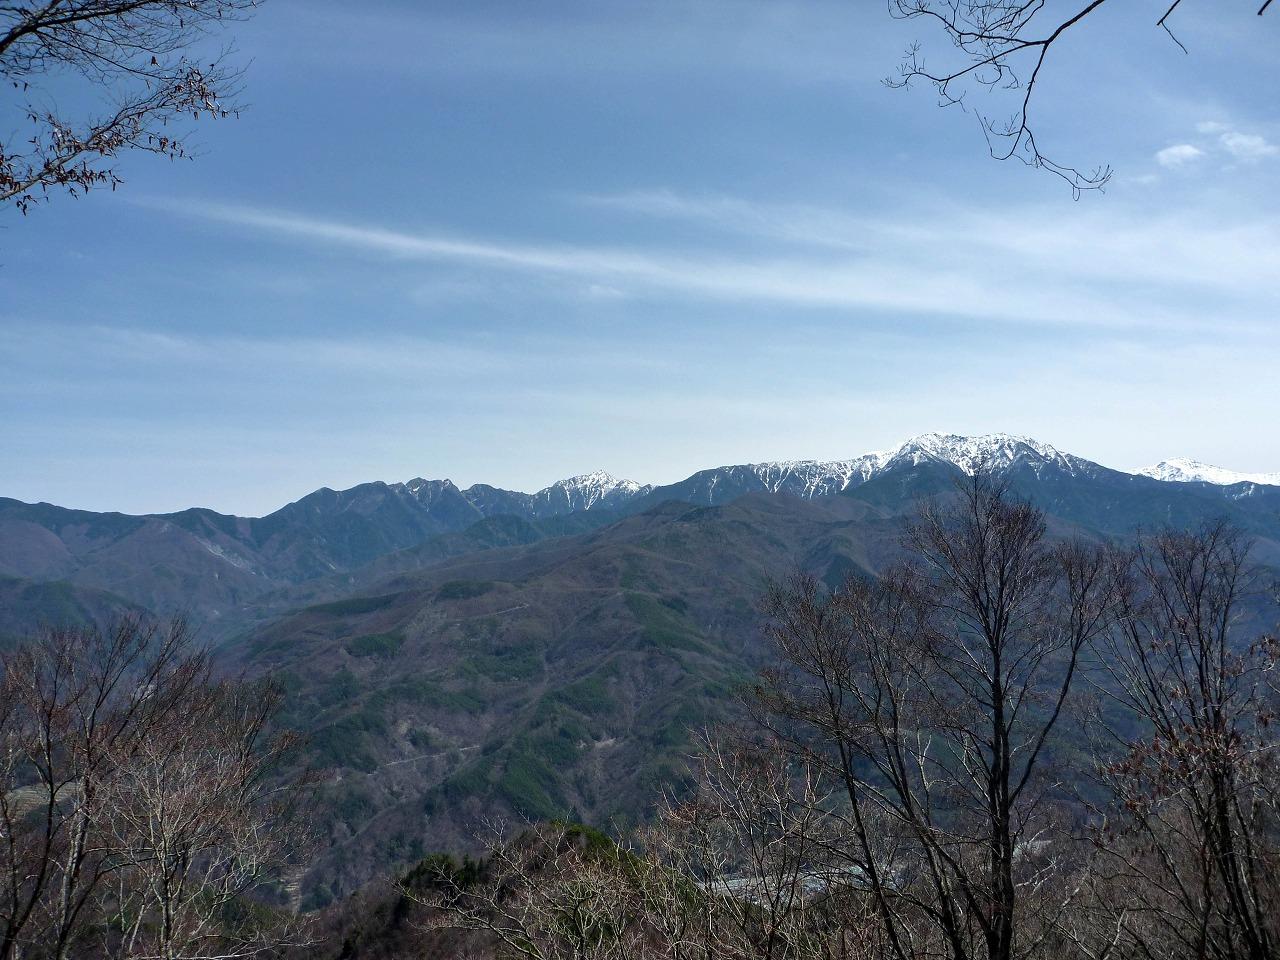 戸倉山 - 東峰からの展望